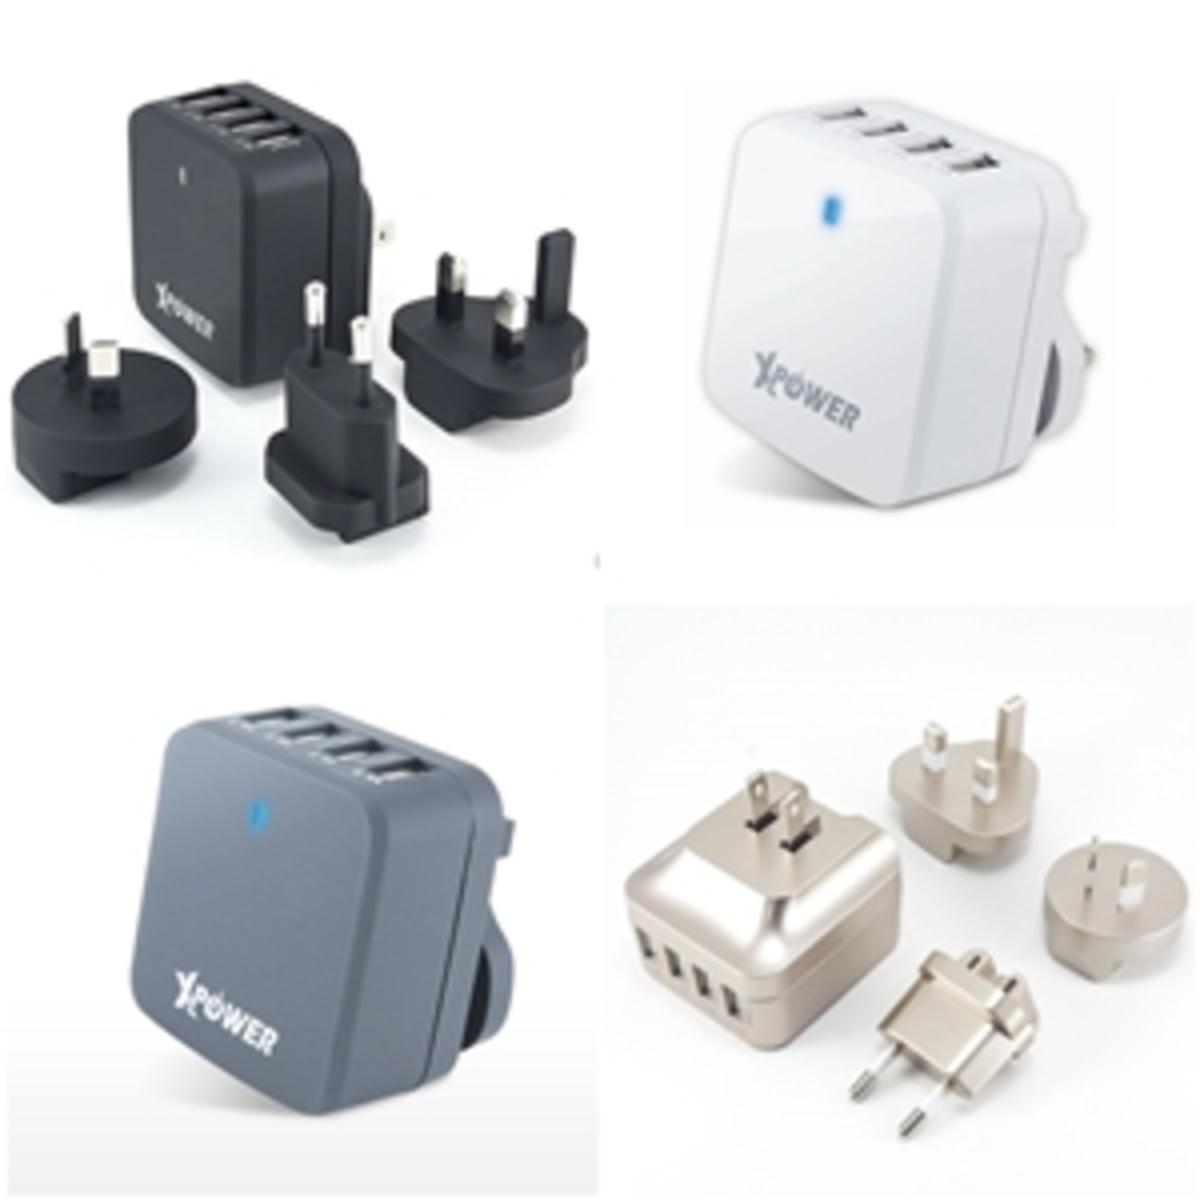 X4WT 智能旅行充電器